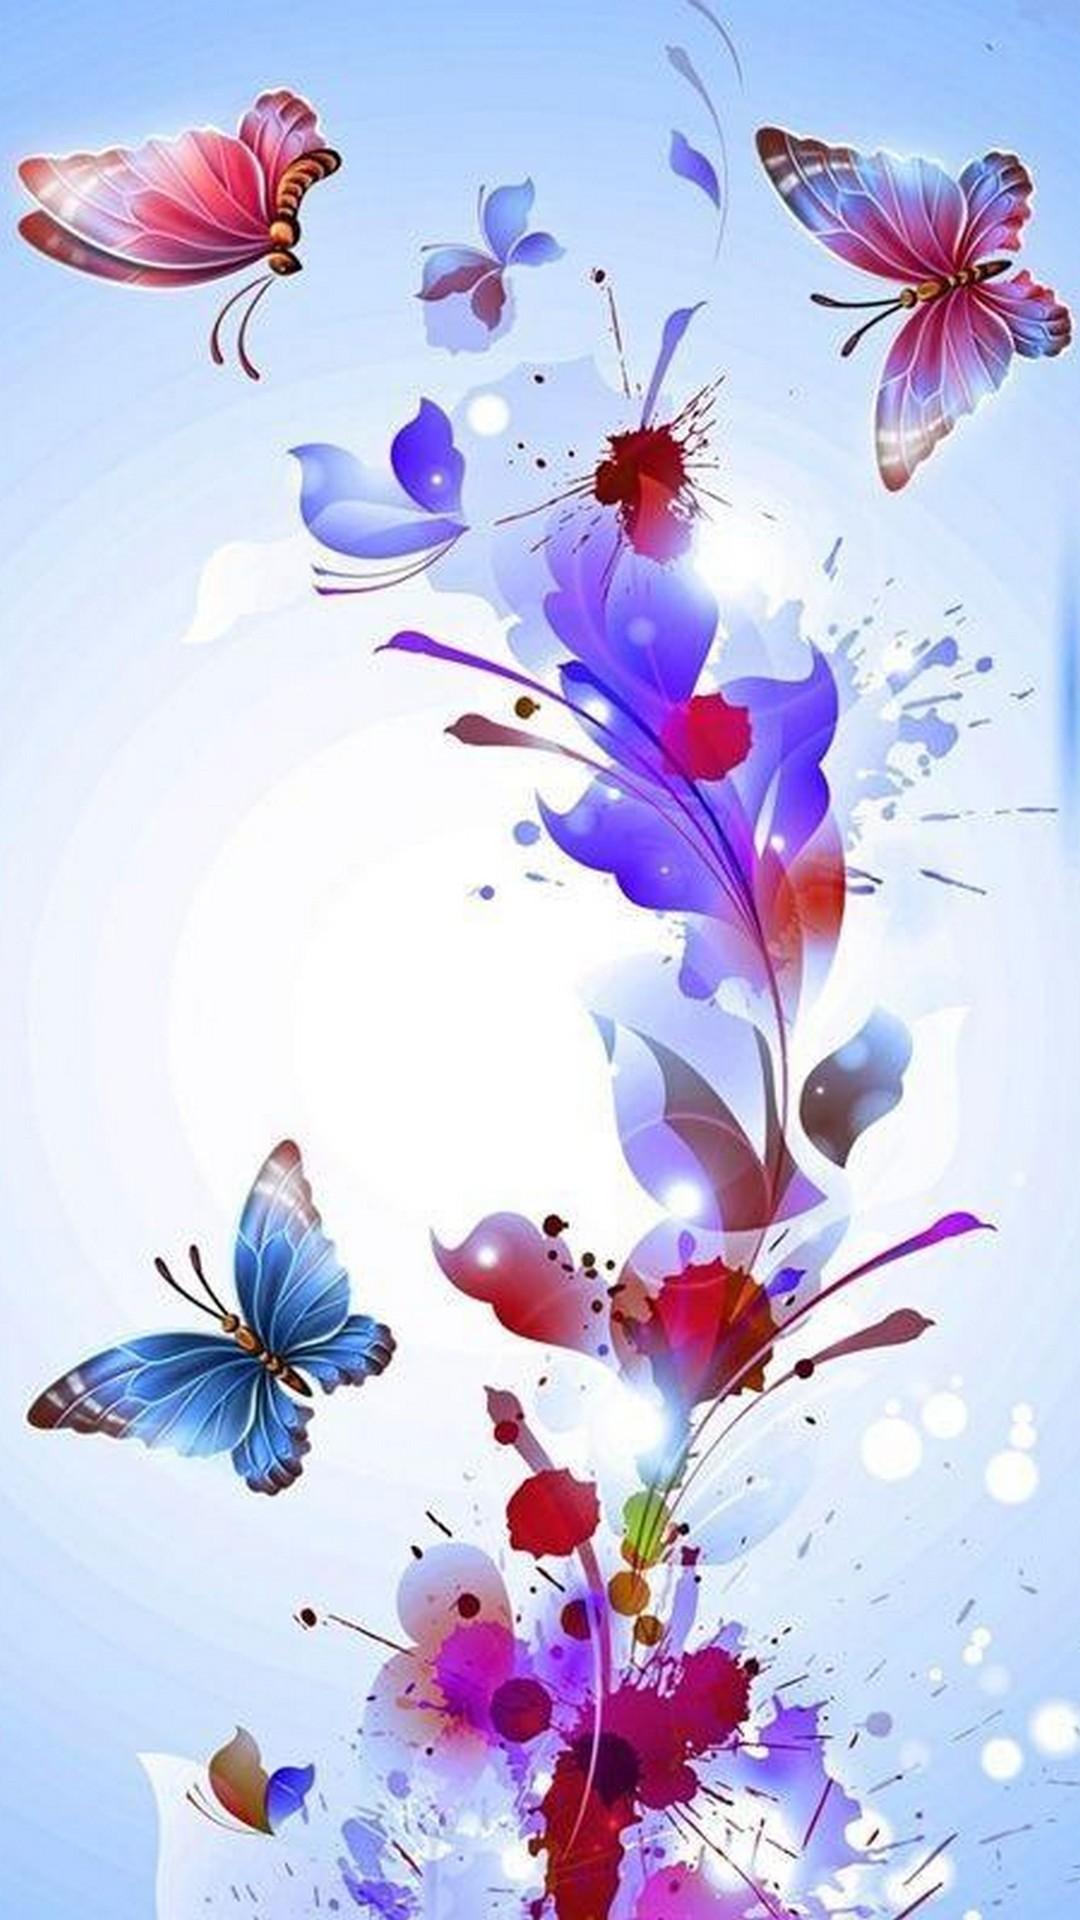 Pink Butterfly Wallpaper iPhone 2019 3D iPhone Wallpaper 1080x1920